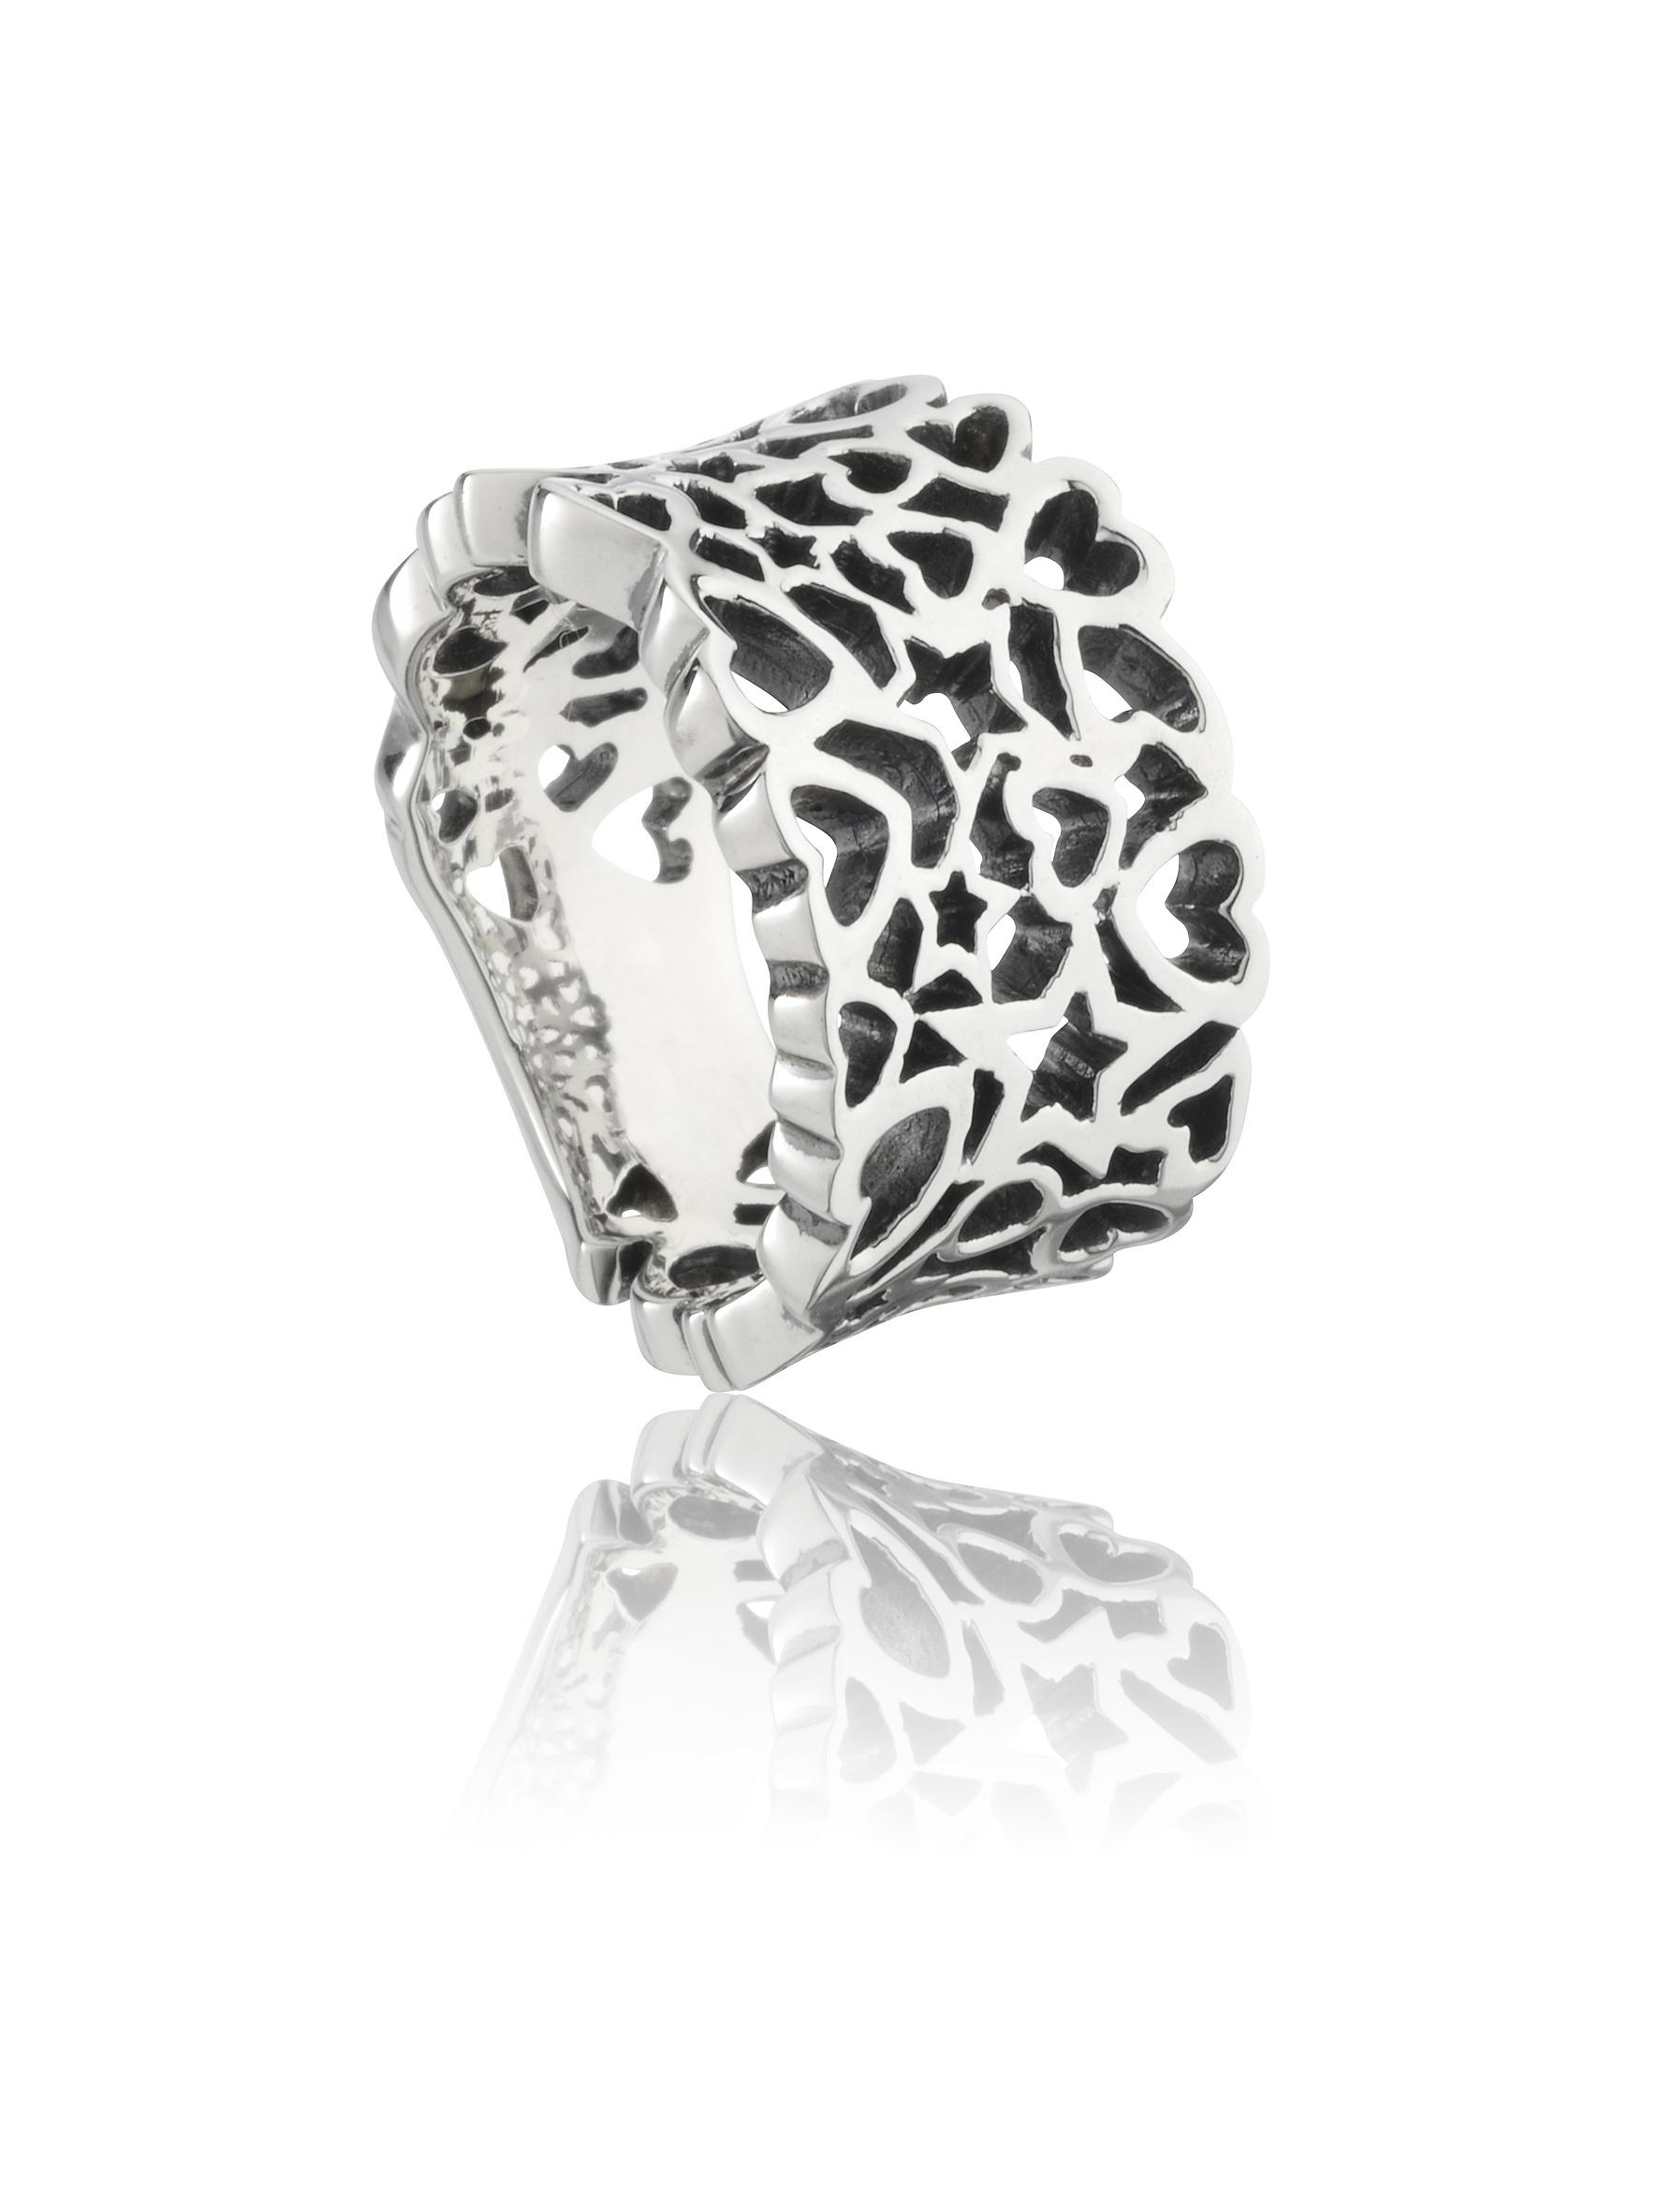 Star Heart Sterling Sølv Ring fra Smykkekæden DMR49 thumbnail